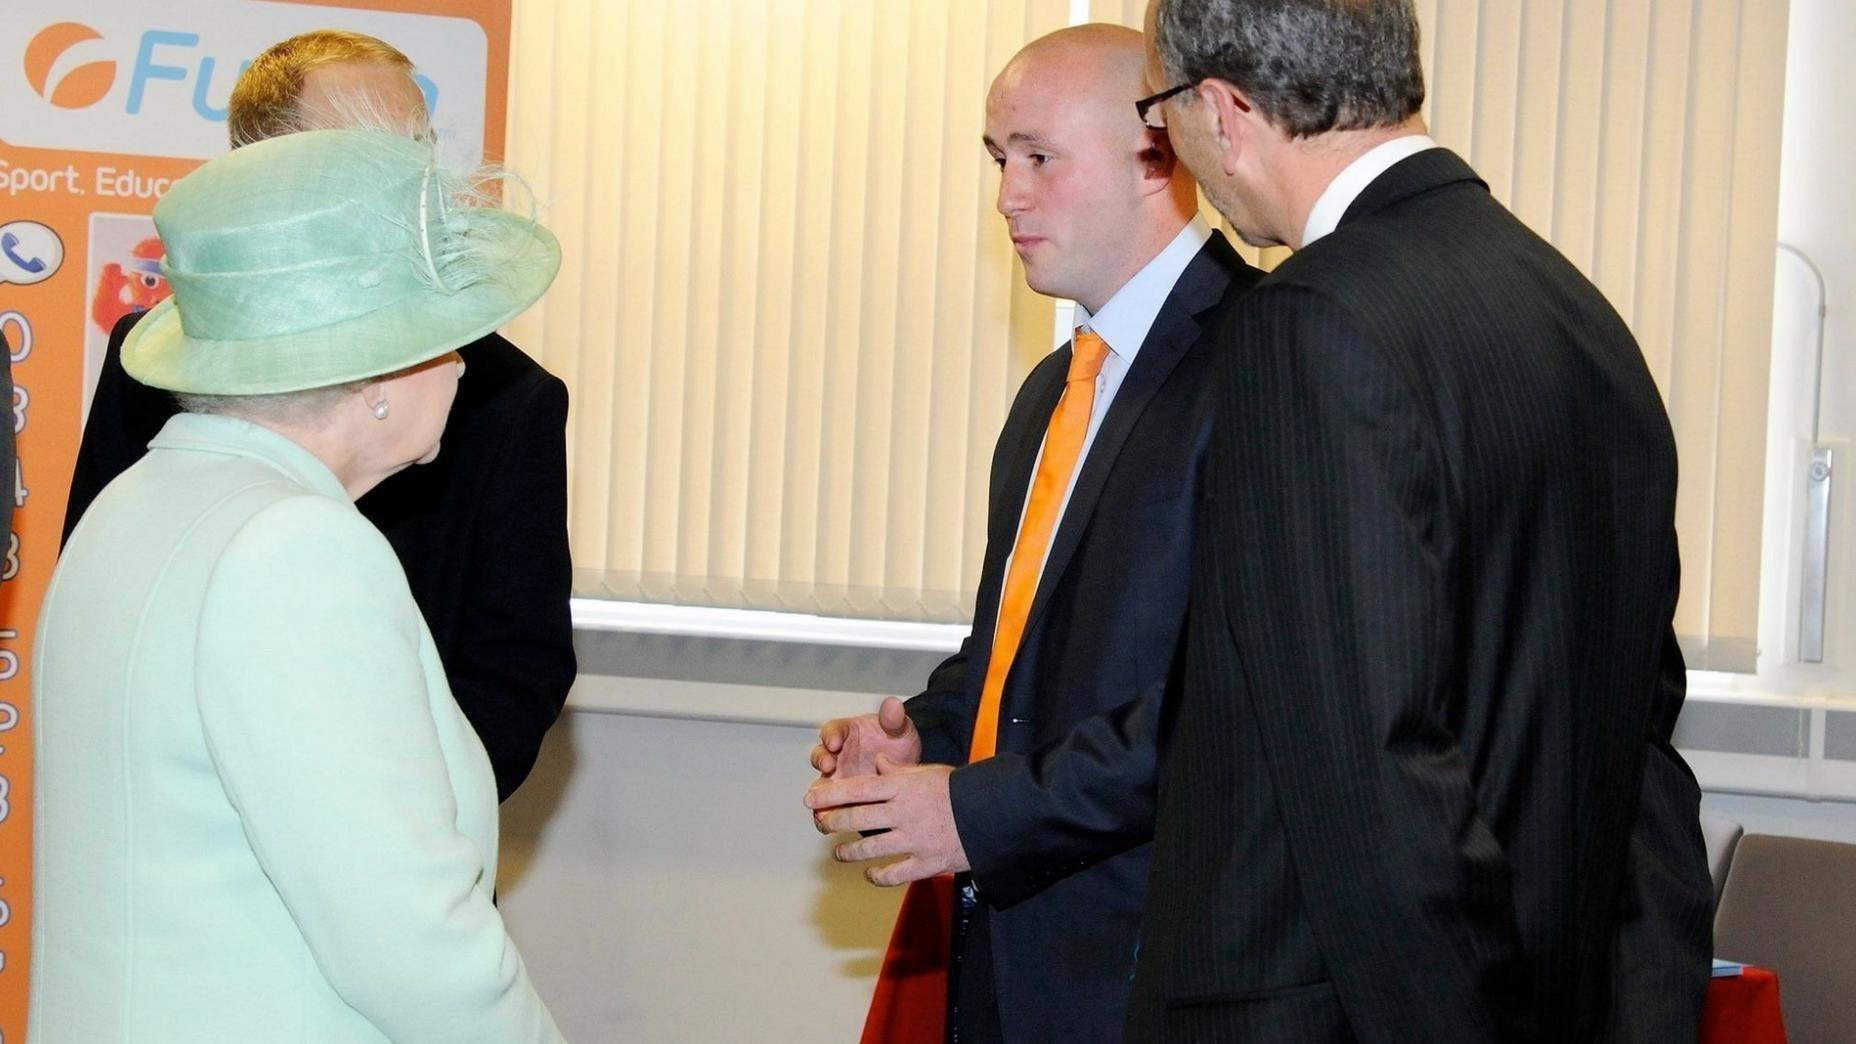 Kieran Meets Her Majesty The Queen